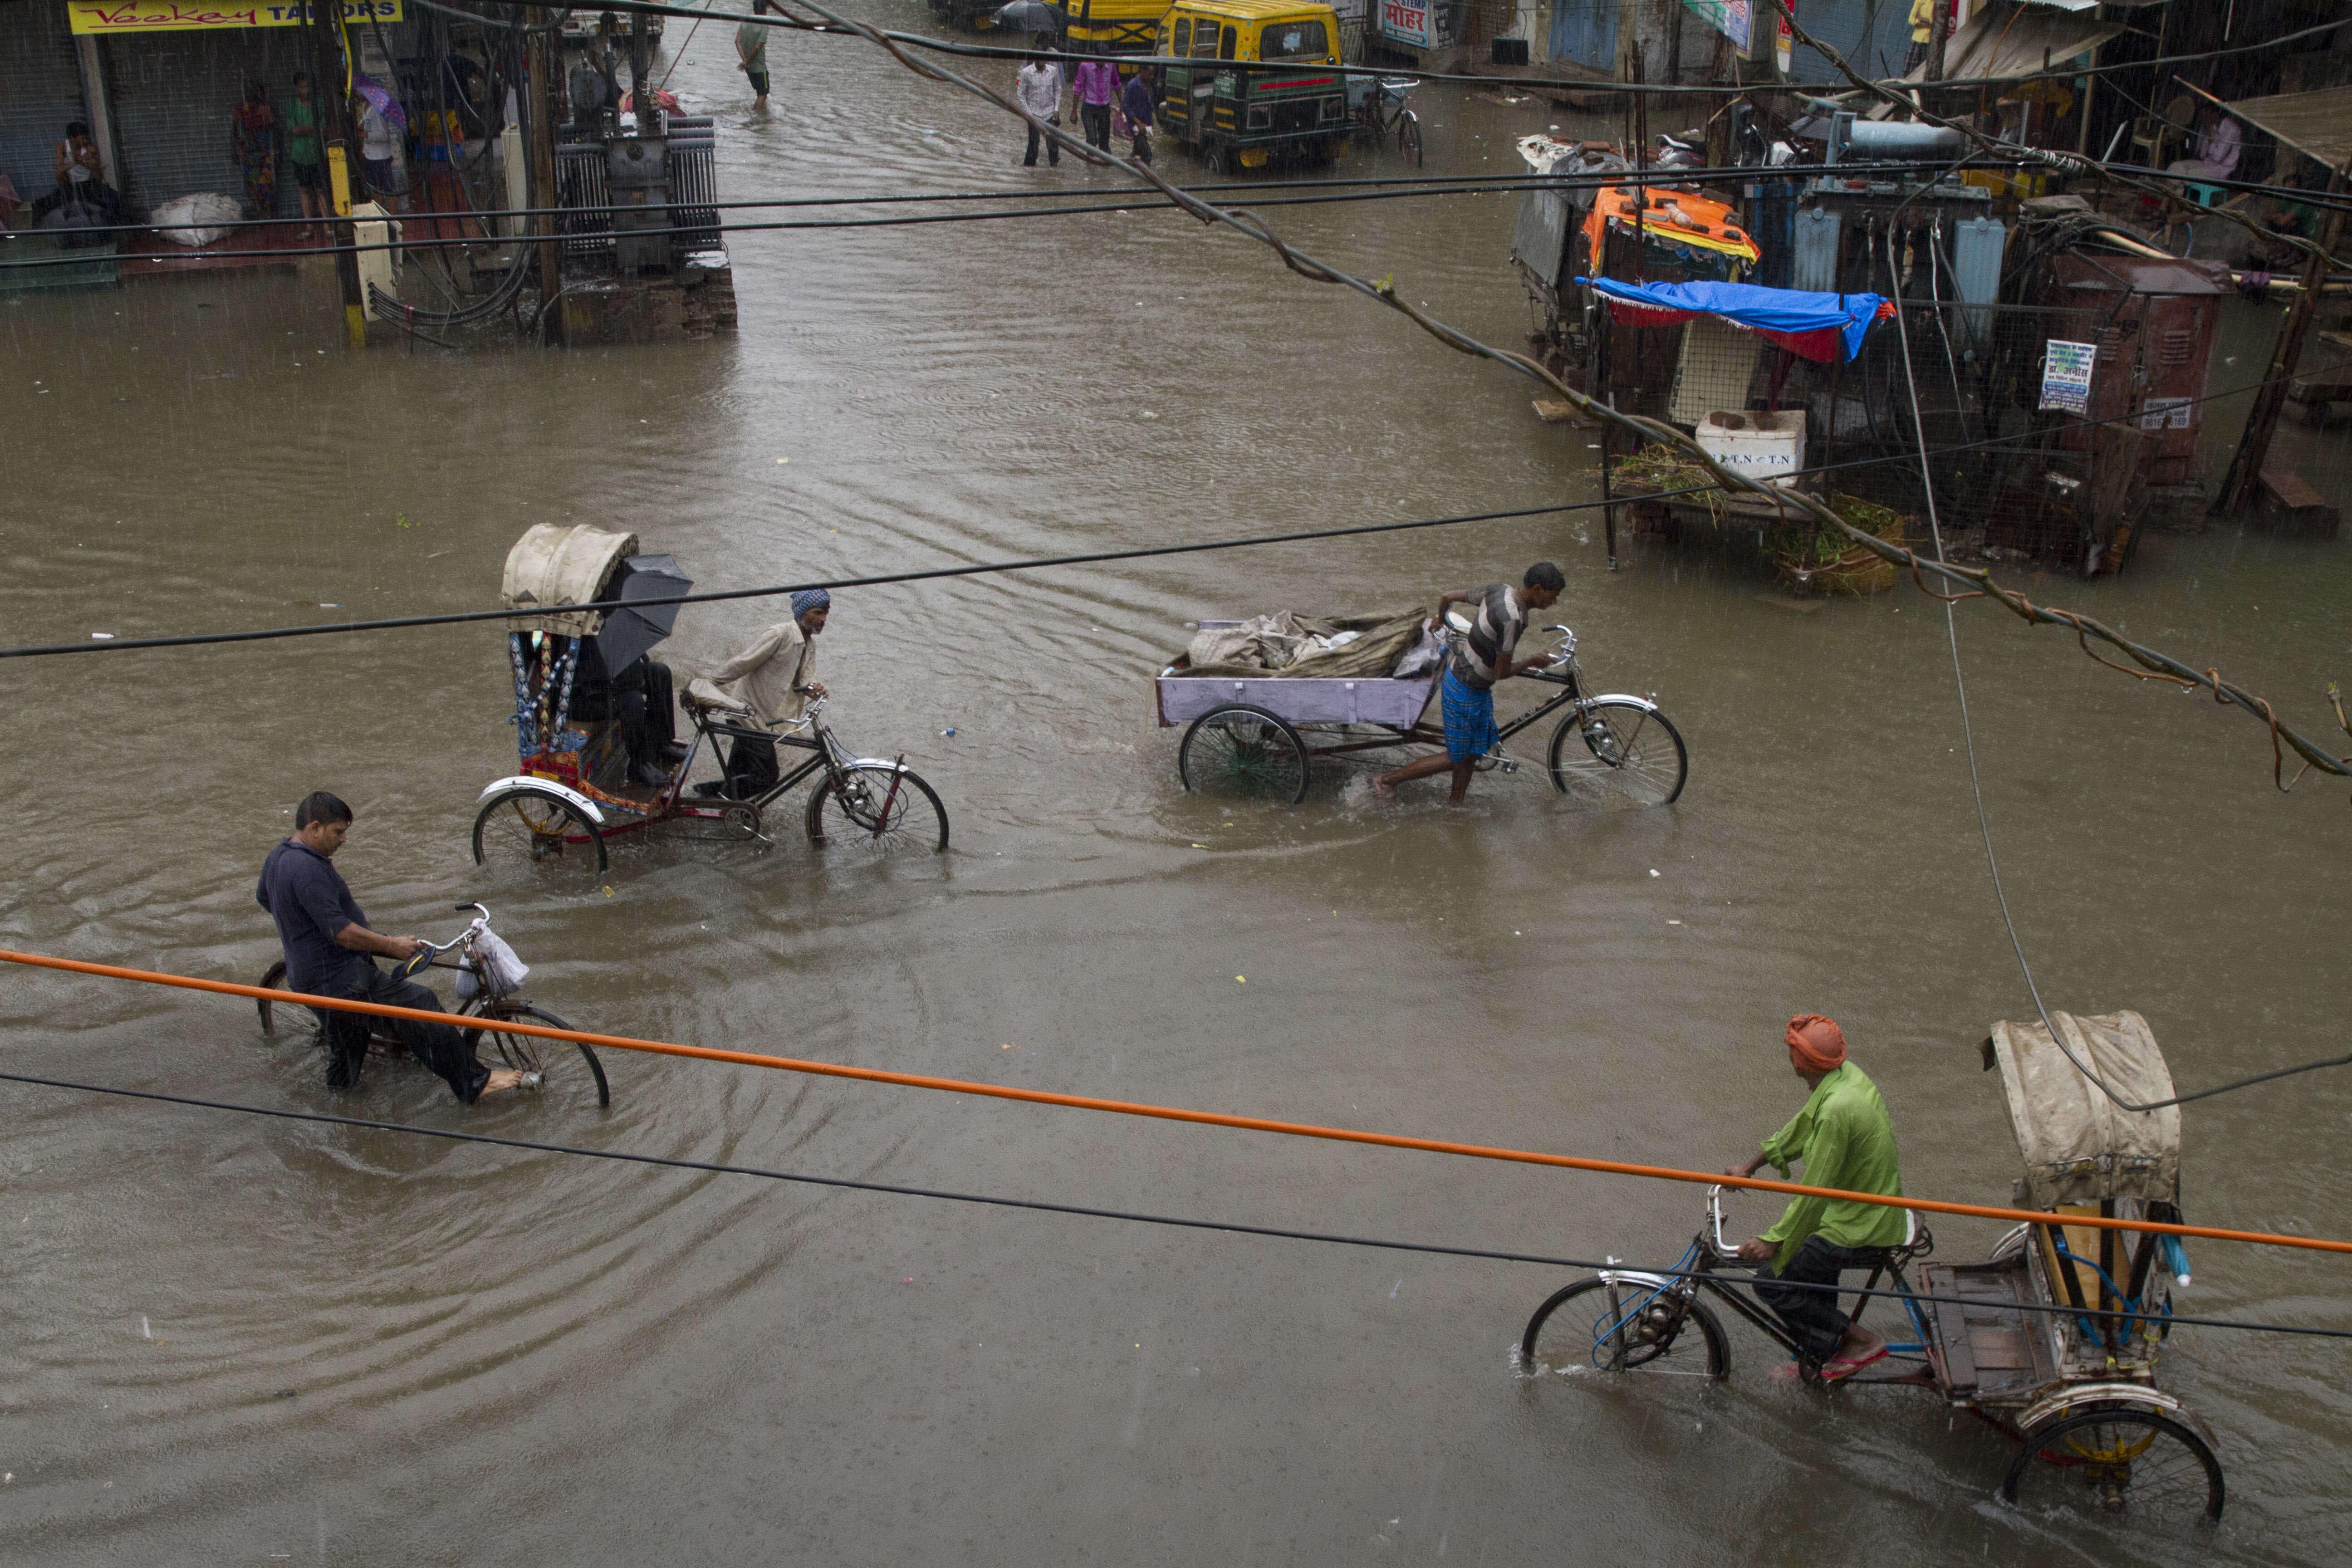 Des tireurs de pousse-pousse indiens traversent un carrefour inondé après de fortes pluies, à Allahabad.